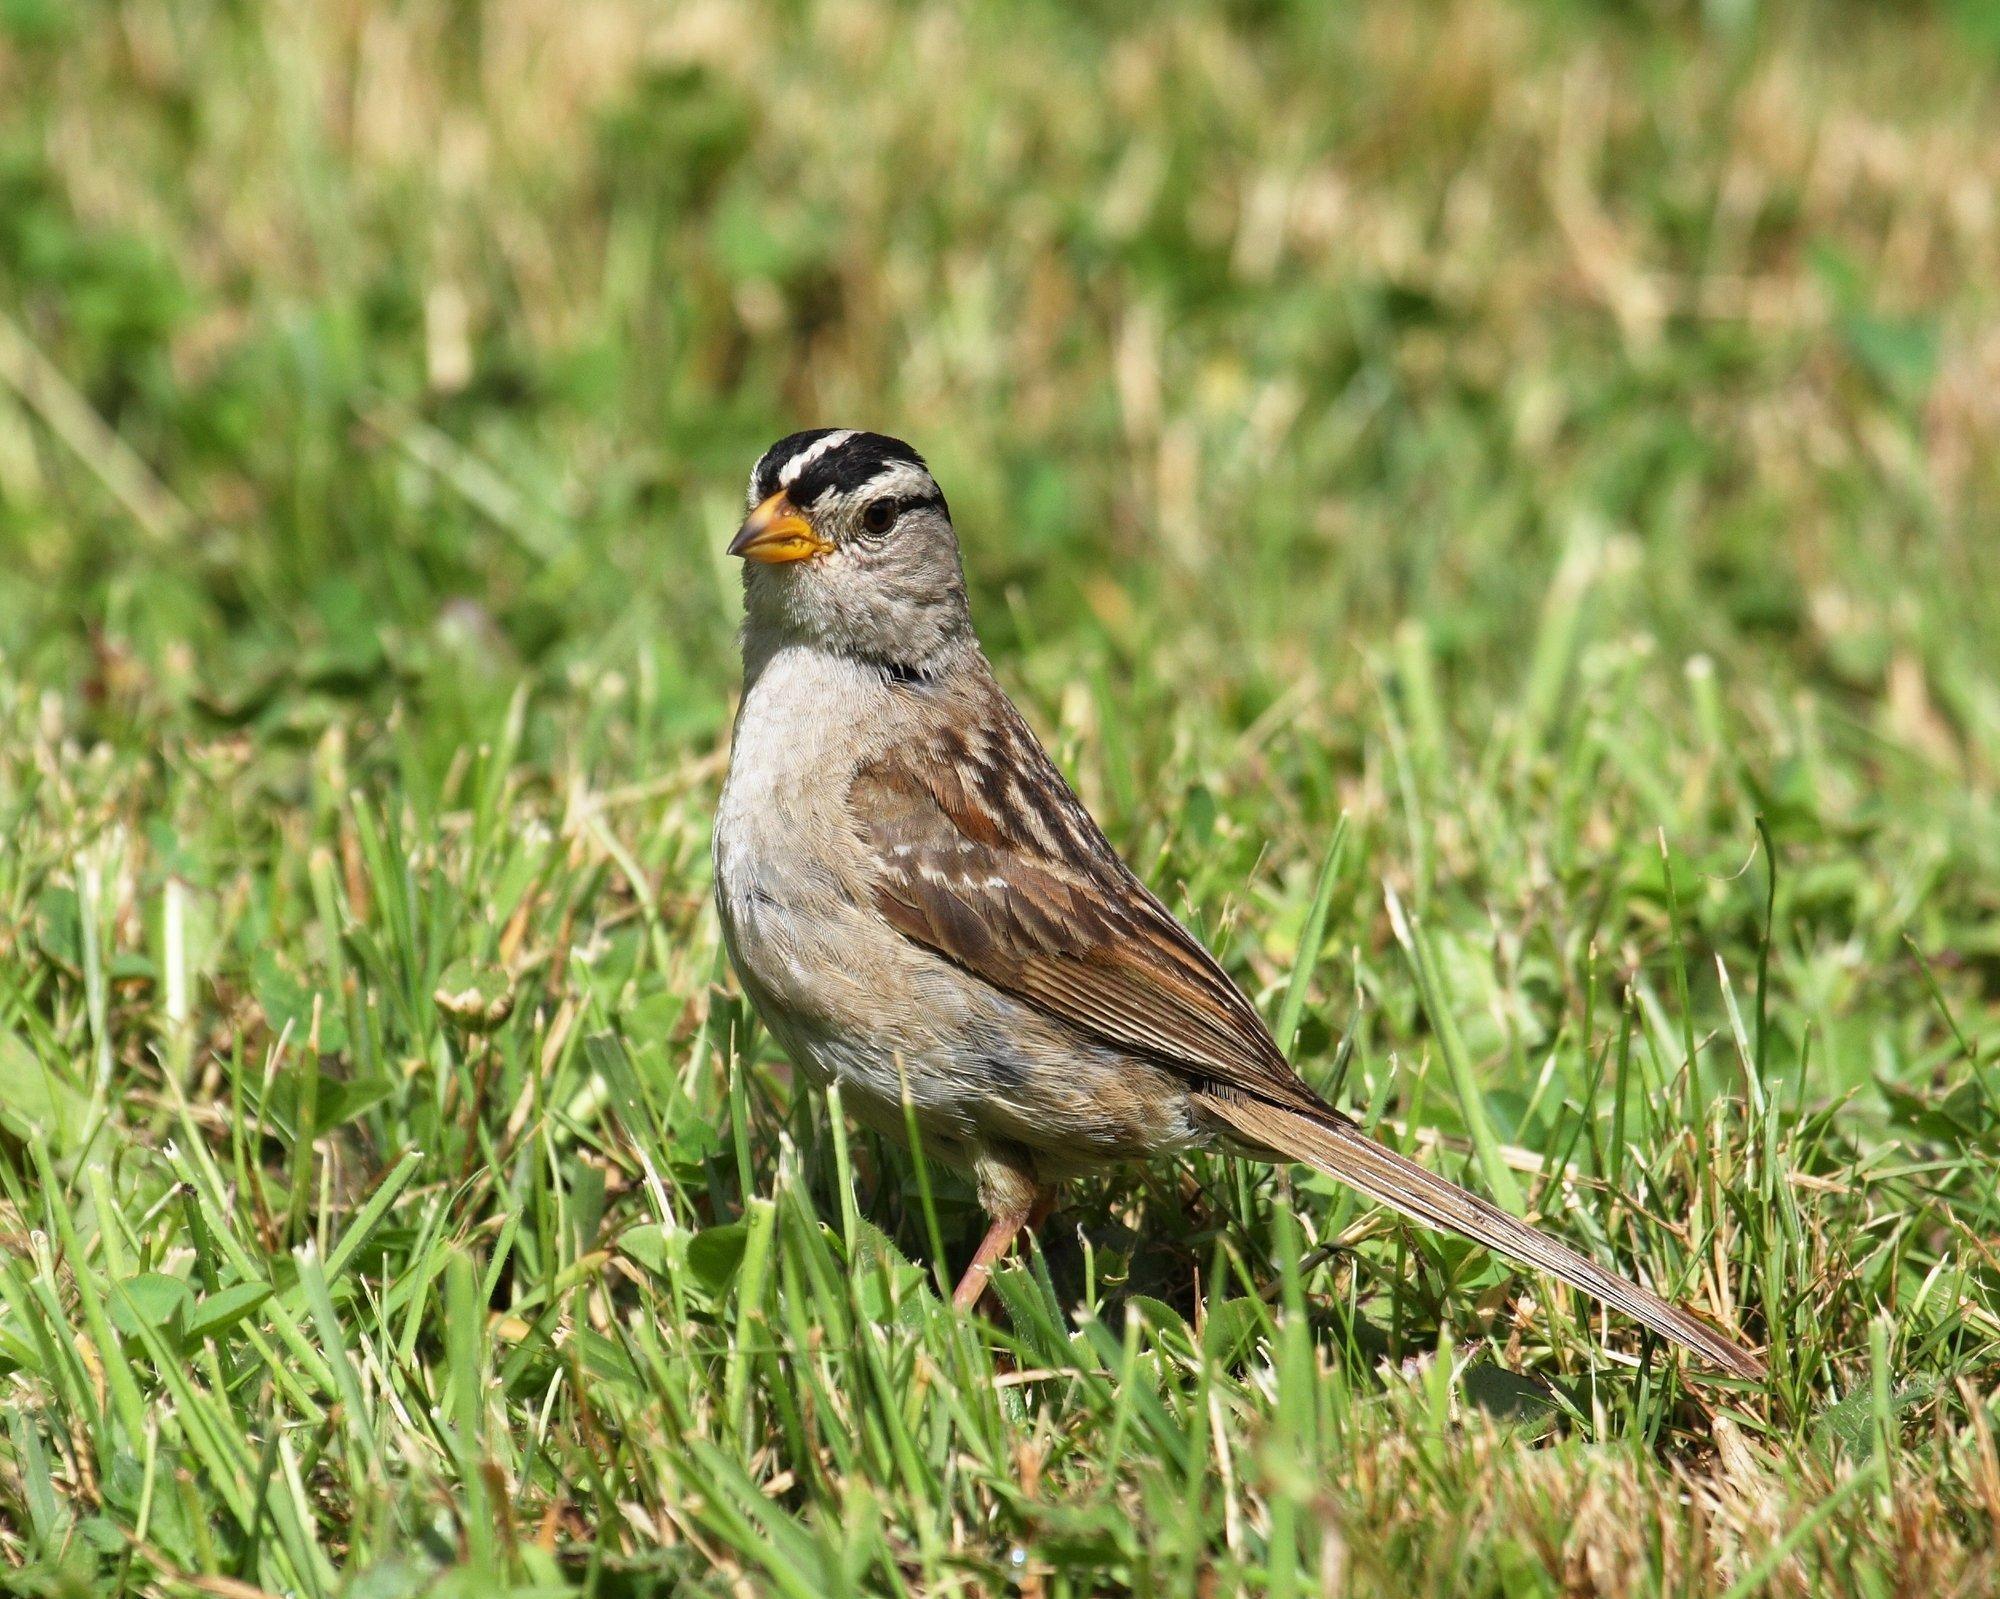 Eine Dachsammer, ein kleiner Singvogel, der an die Grauammer erinnert, sitzt auf dem Boden